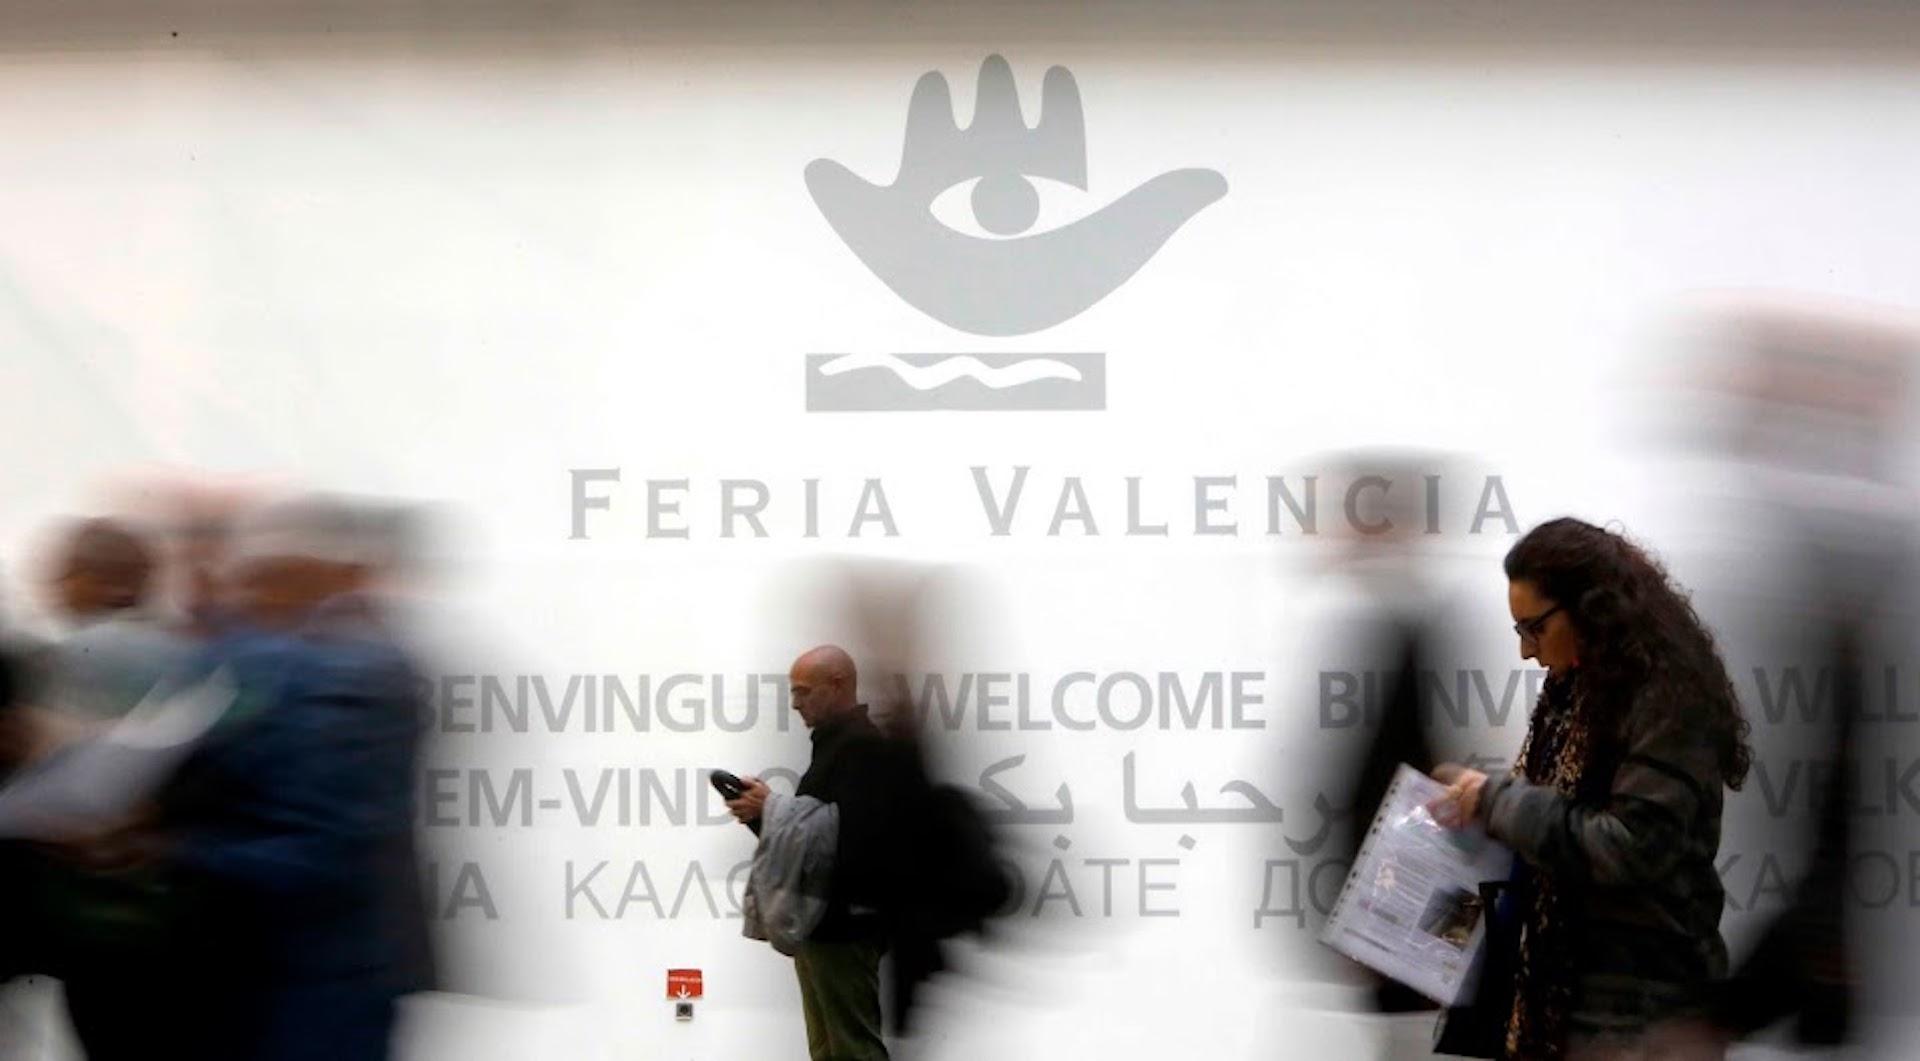 Valencia recupera su feria del mueble feria valencia for Feria mueble valencia 2017